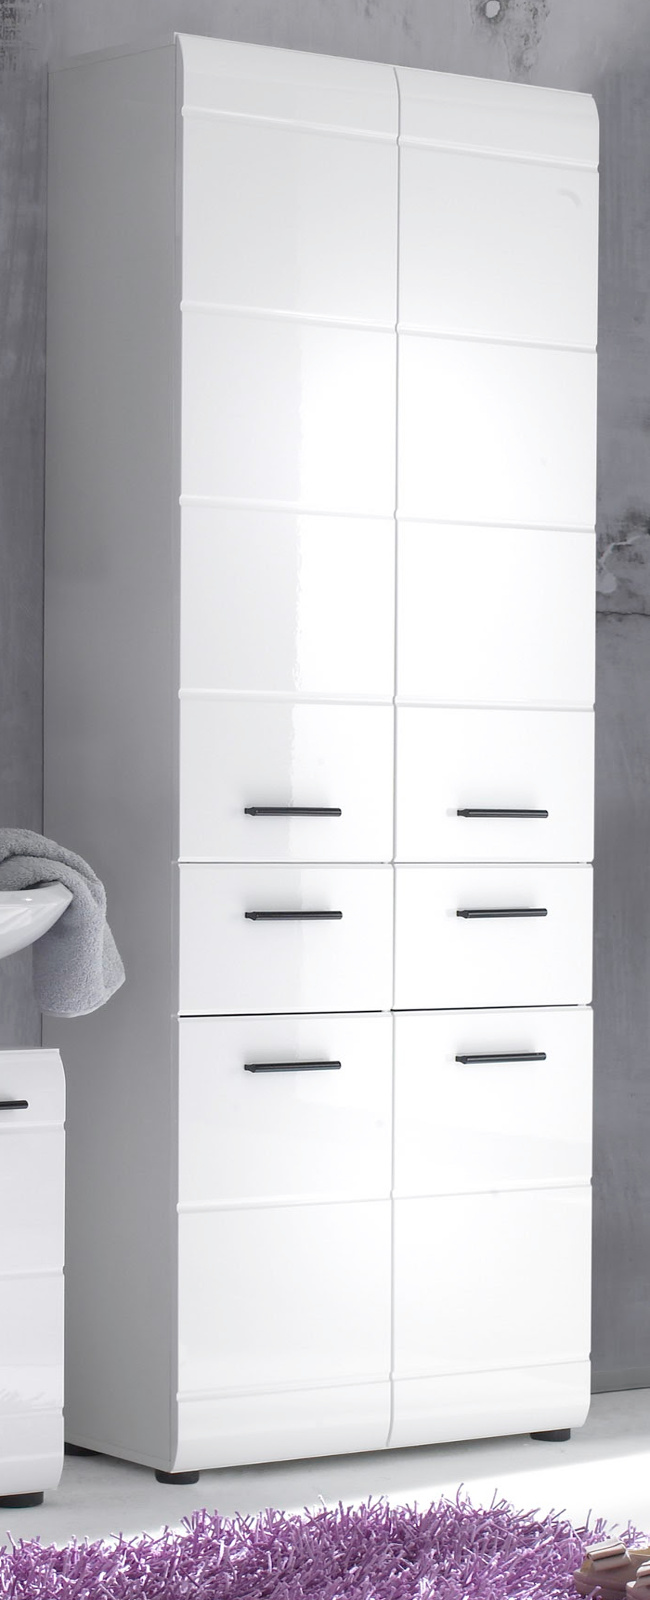 badschrank hochschrank skin wei hochglanz. Black Bedroom Furniture Sets. Home Design Ideas